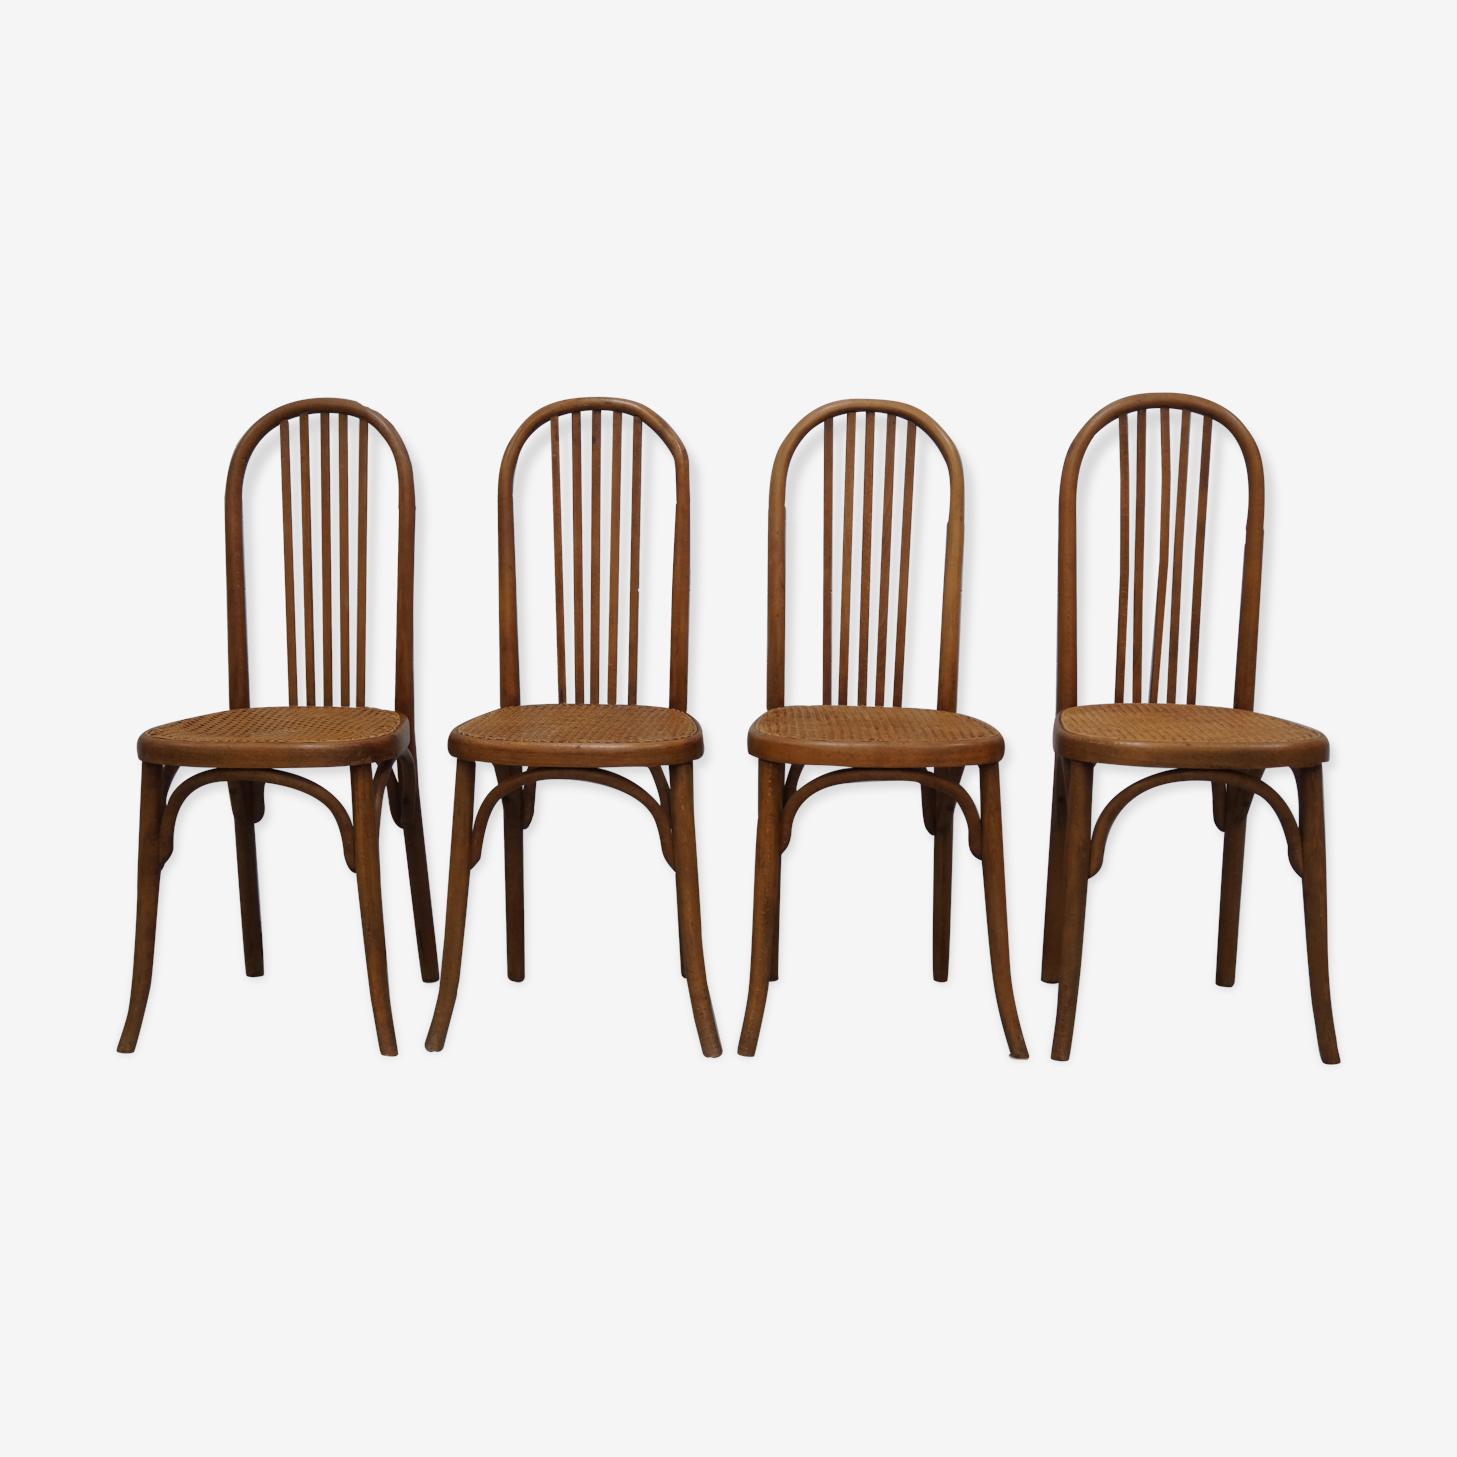 Ensemble de 4 chaises Fischel années 50